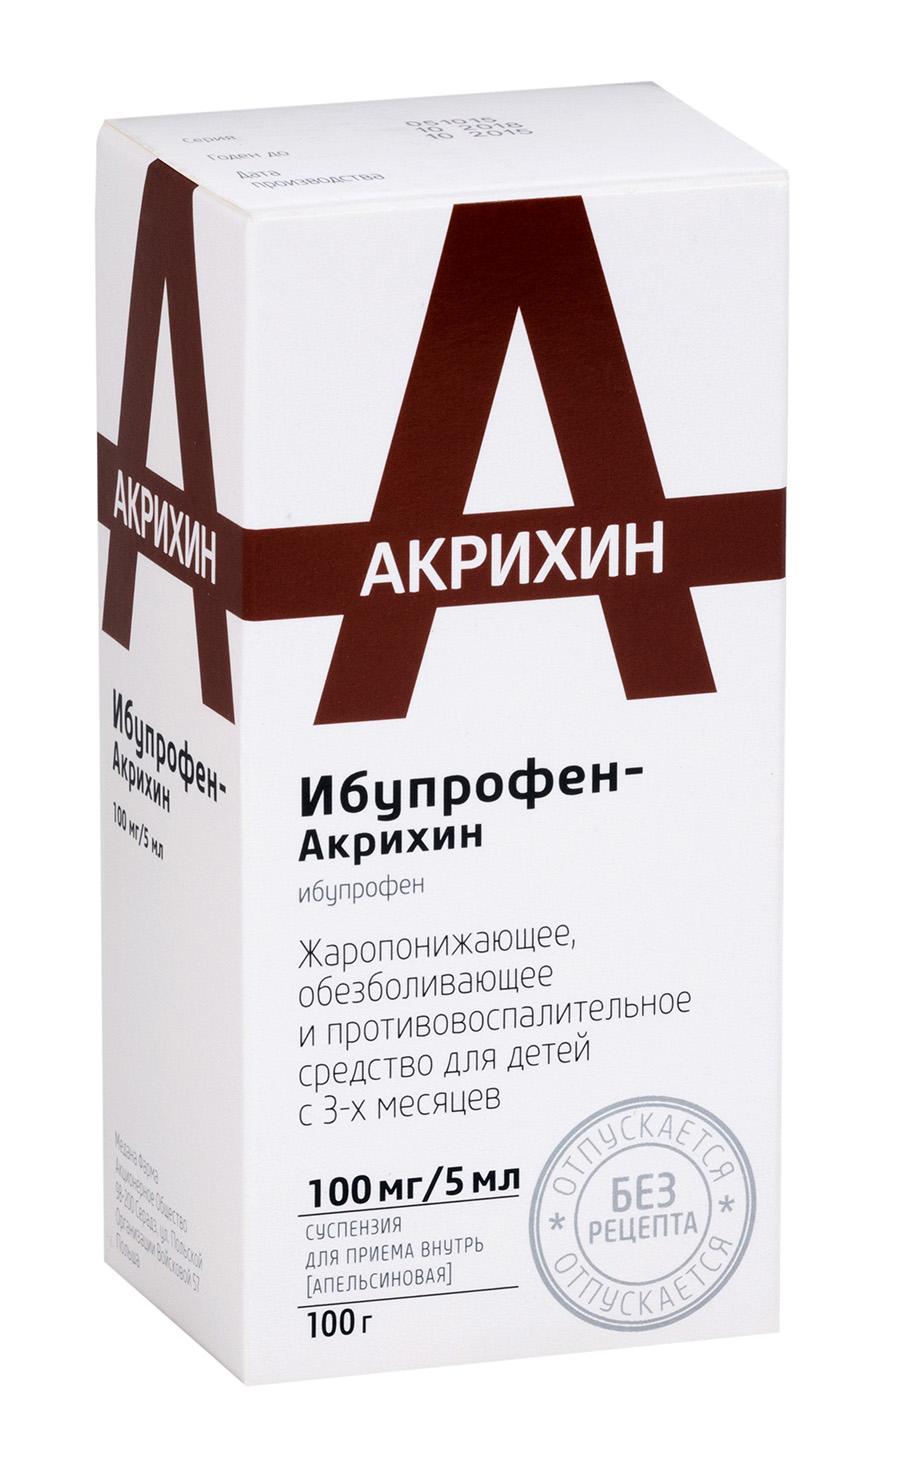 Ибупрофен-акрихин сусп. внутр. апельсин 100мг/5мл 100г n1 (шприц дозир)